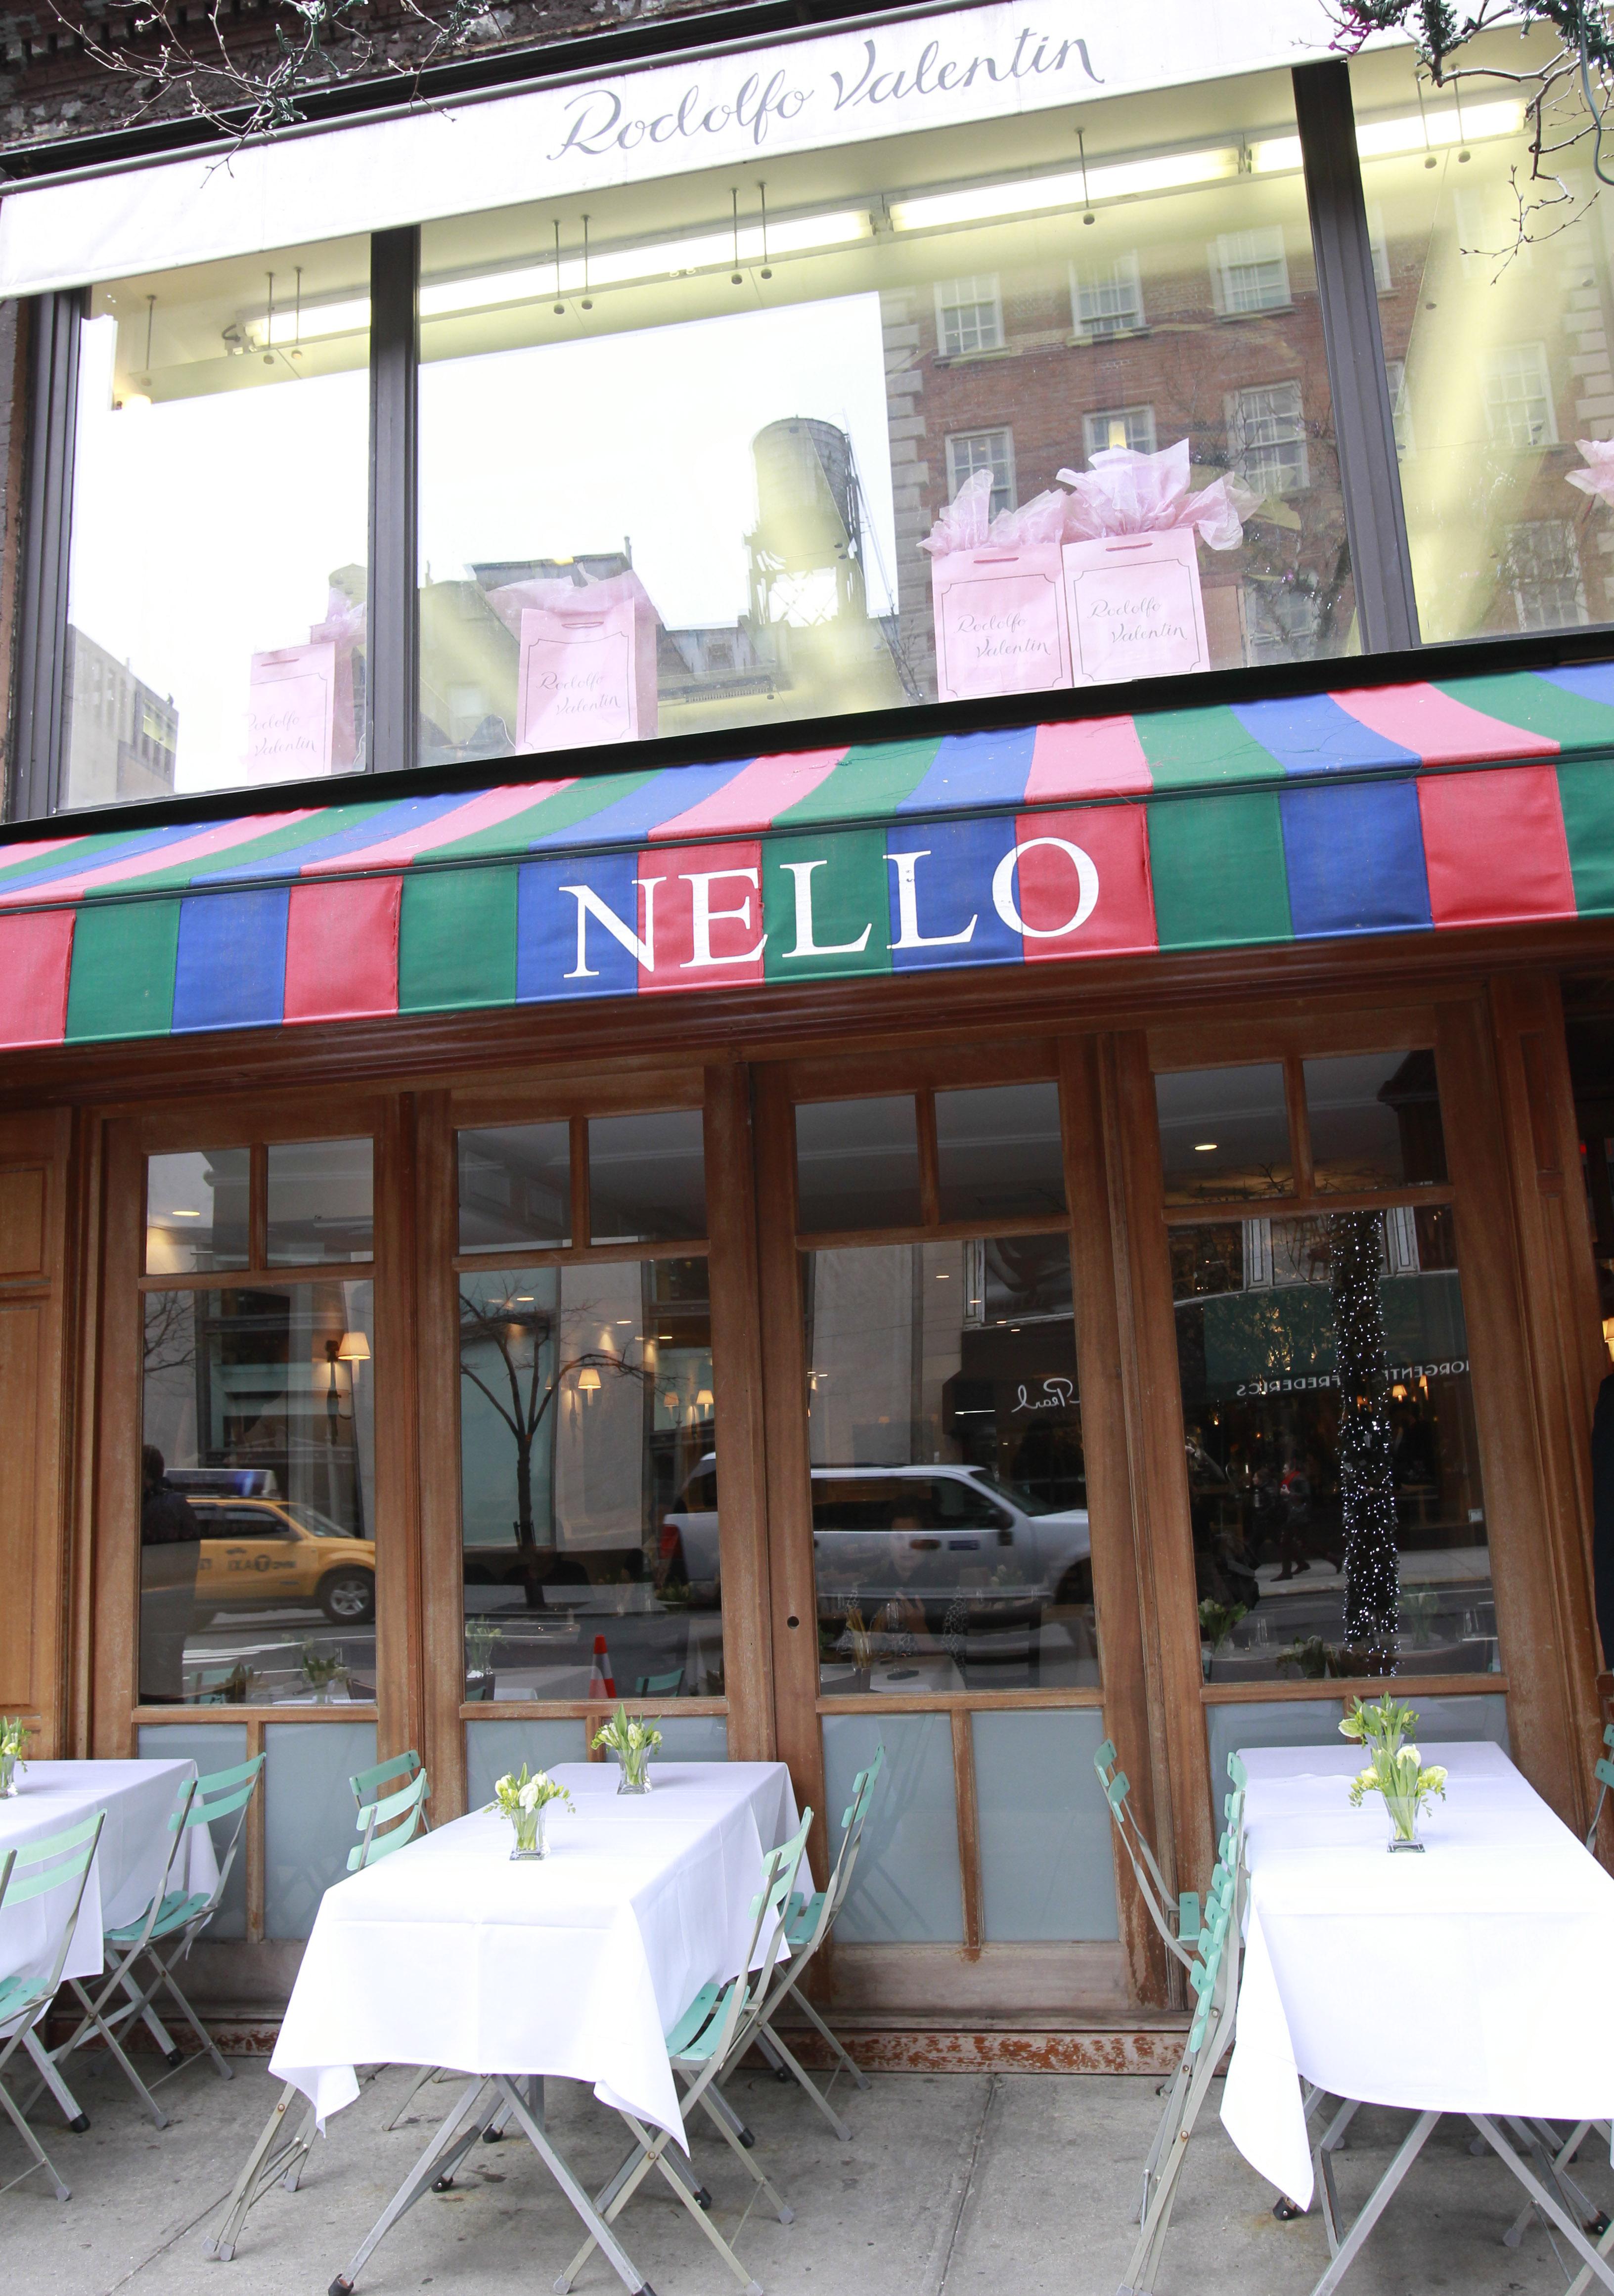 Nello, restaurantul lui Nelu balan din new York